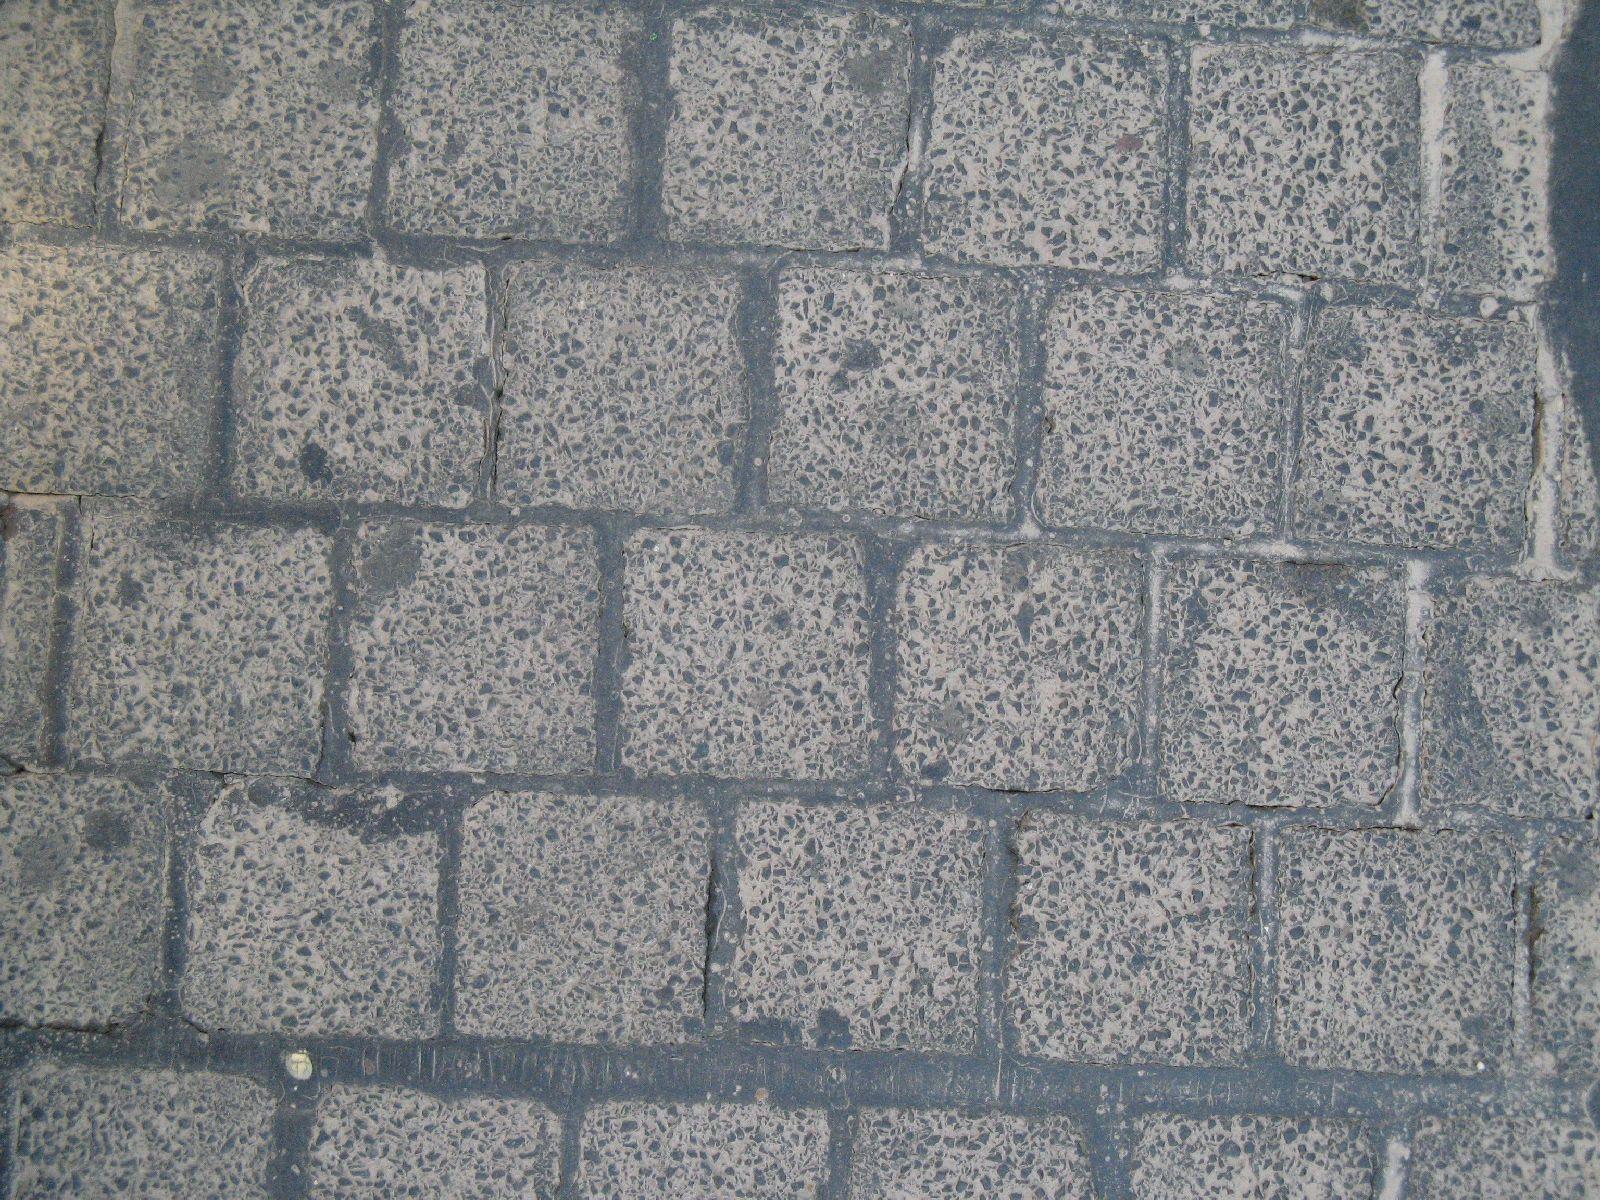 Ground-Urban_Texture_B_00793